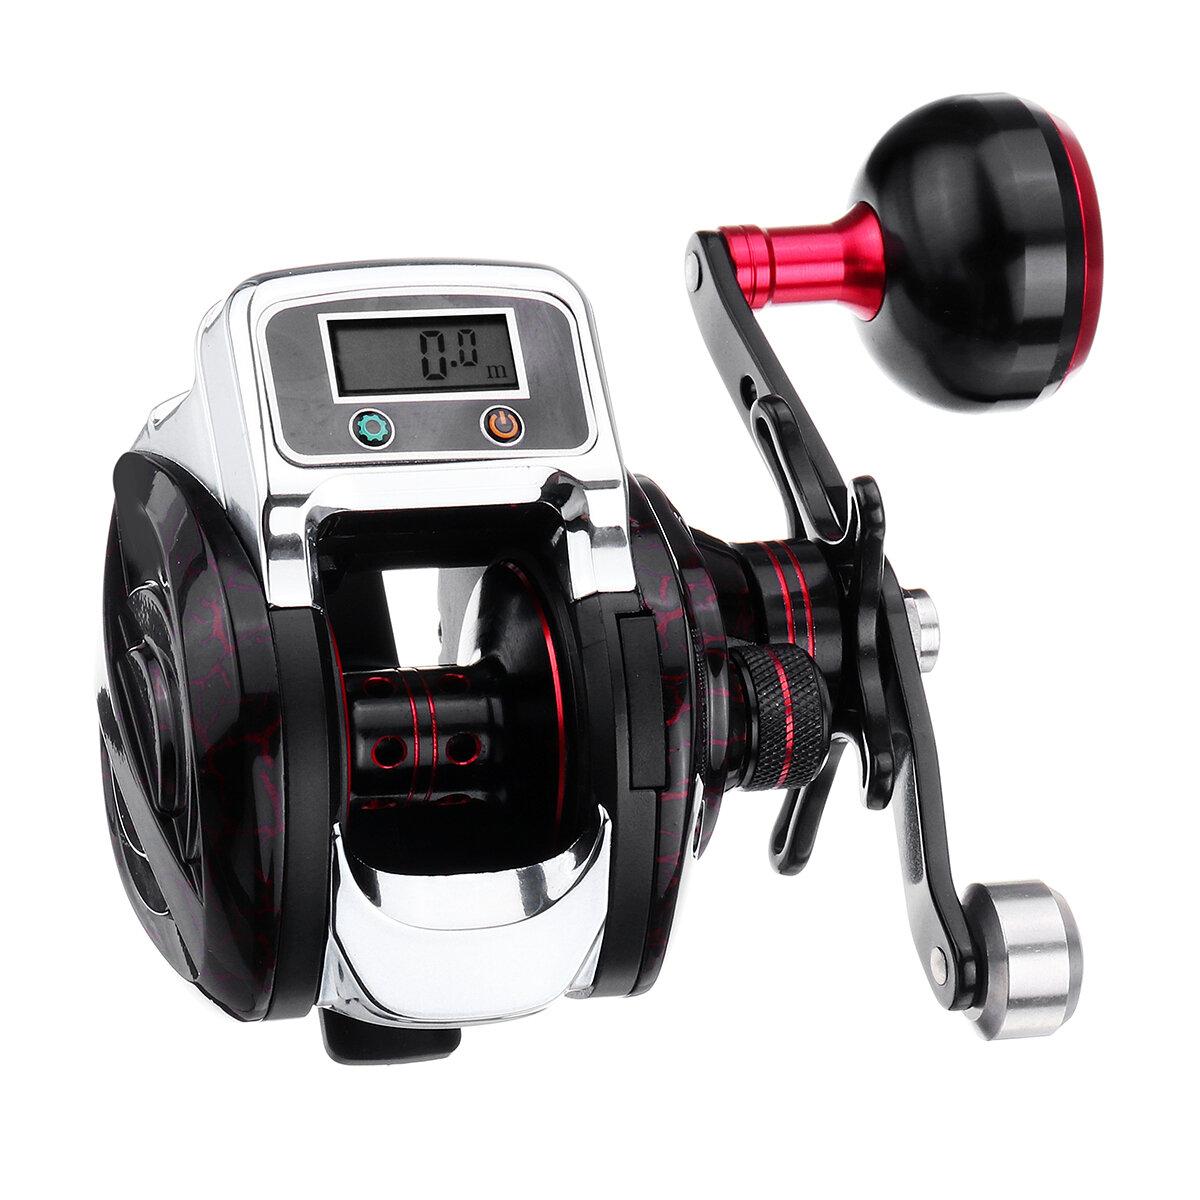 ZANLURE LS 3000 14+1BB 6.3:1 5kg Digital Display Fishing Reel